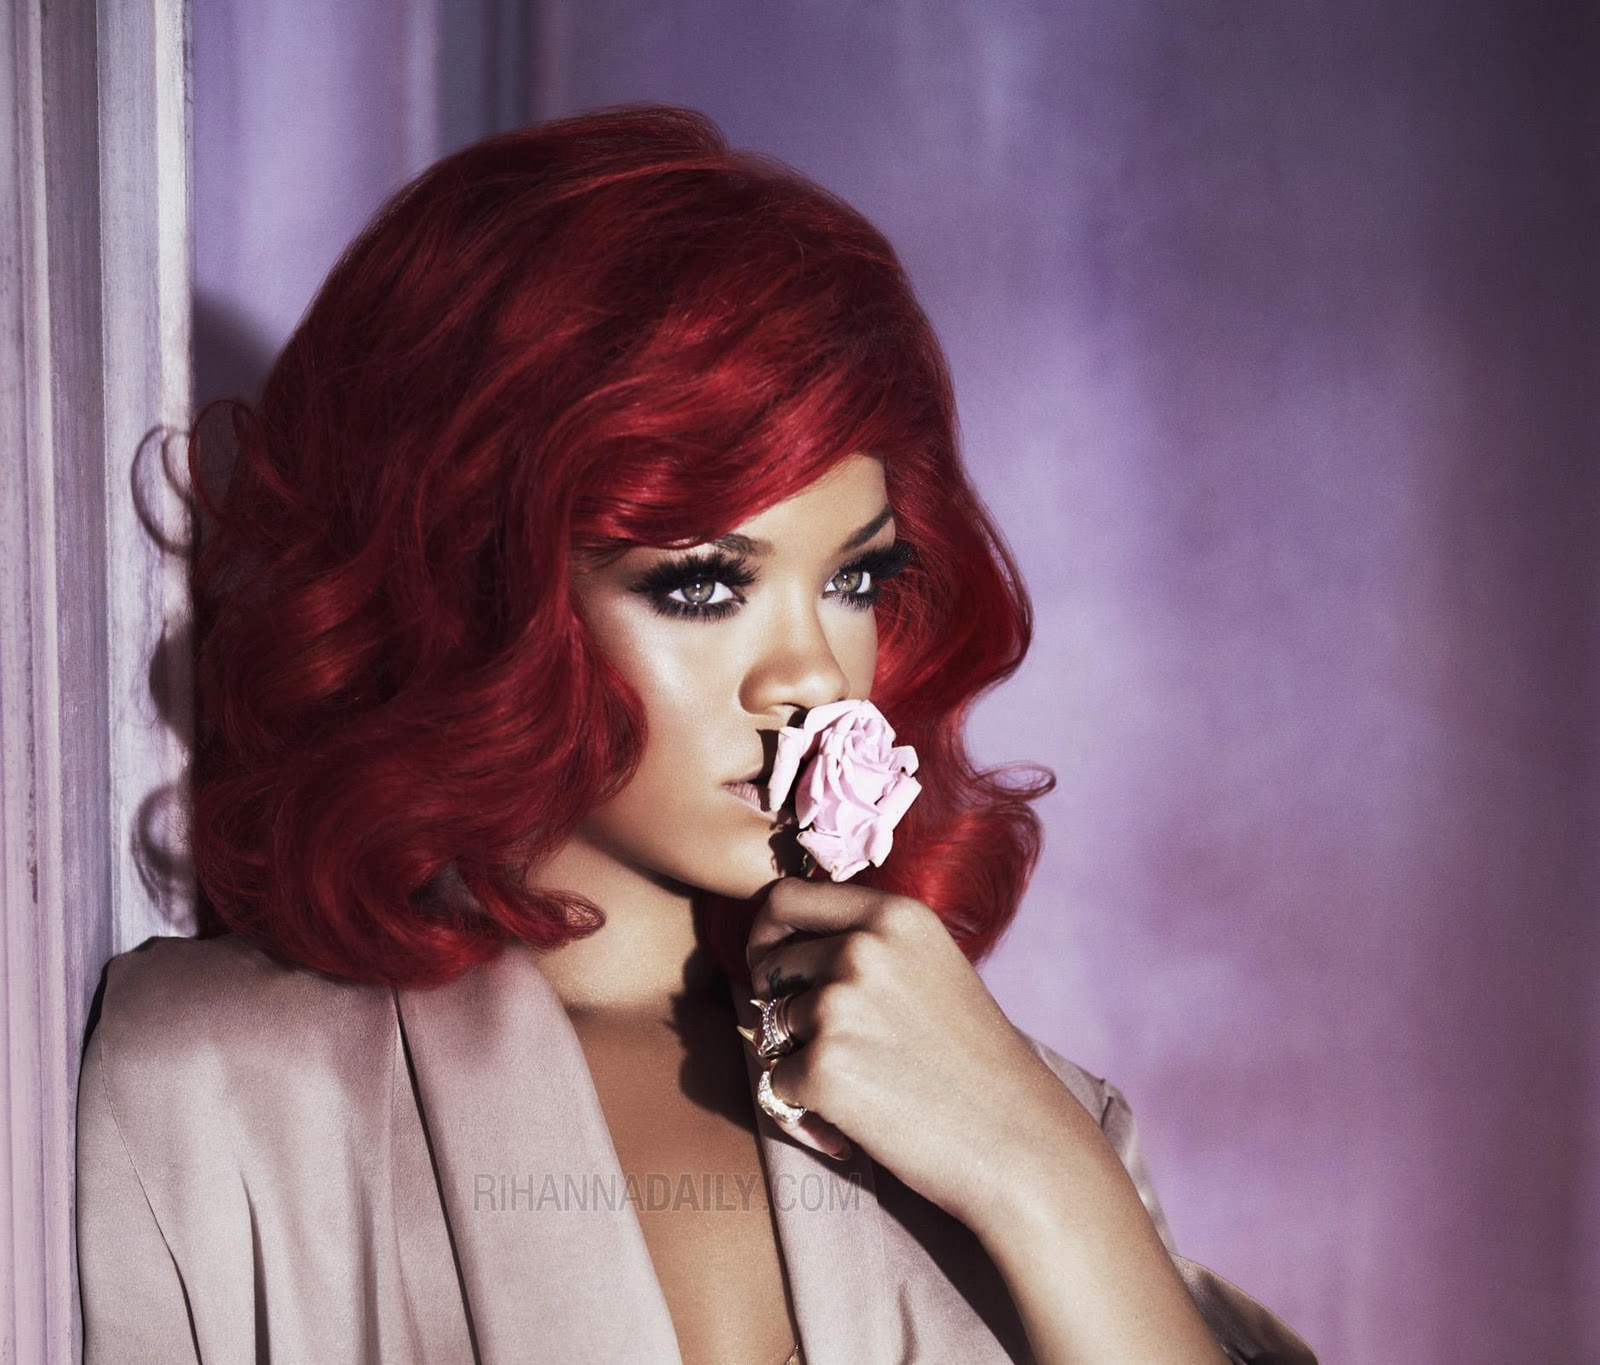 http://3.bp.blogspot.com/_v5h2qxDB1io/TShCXi5K-hI/AAAAAAAABLs/1P6ht6Ohwok/s1600/Rihanna+red+hair+011+dld+via+www.thewallpaperdb.blogspot.com+.jpg